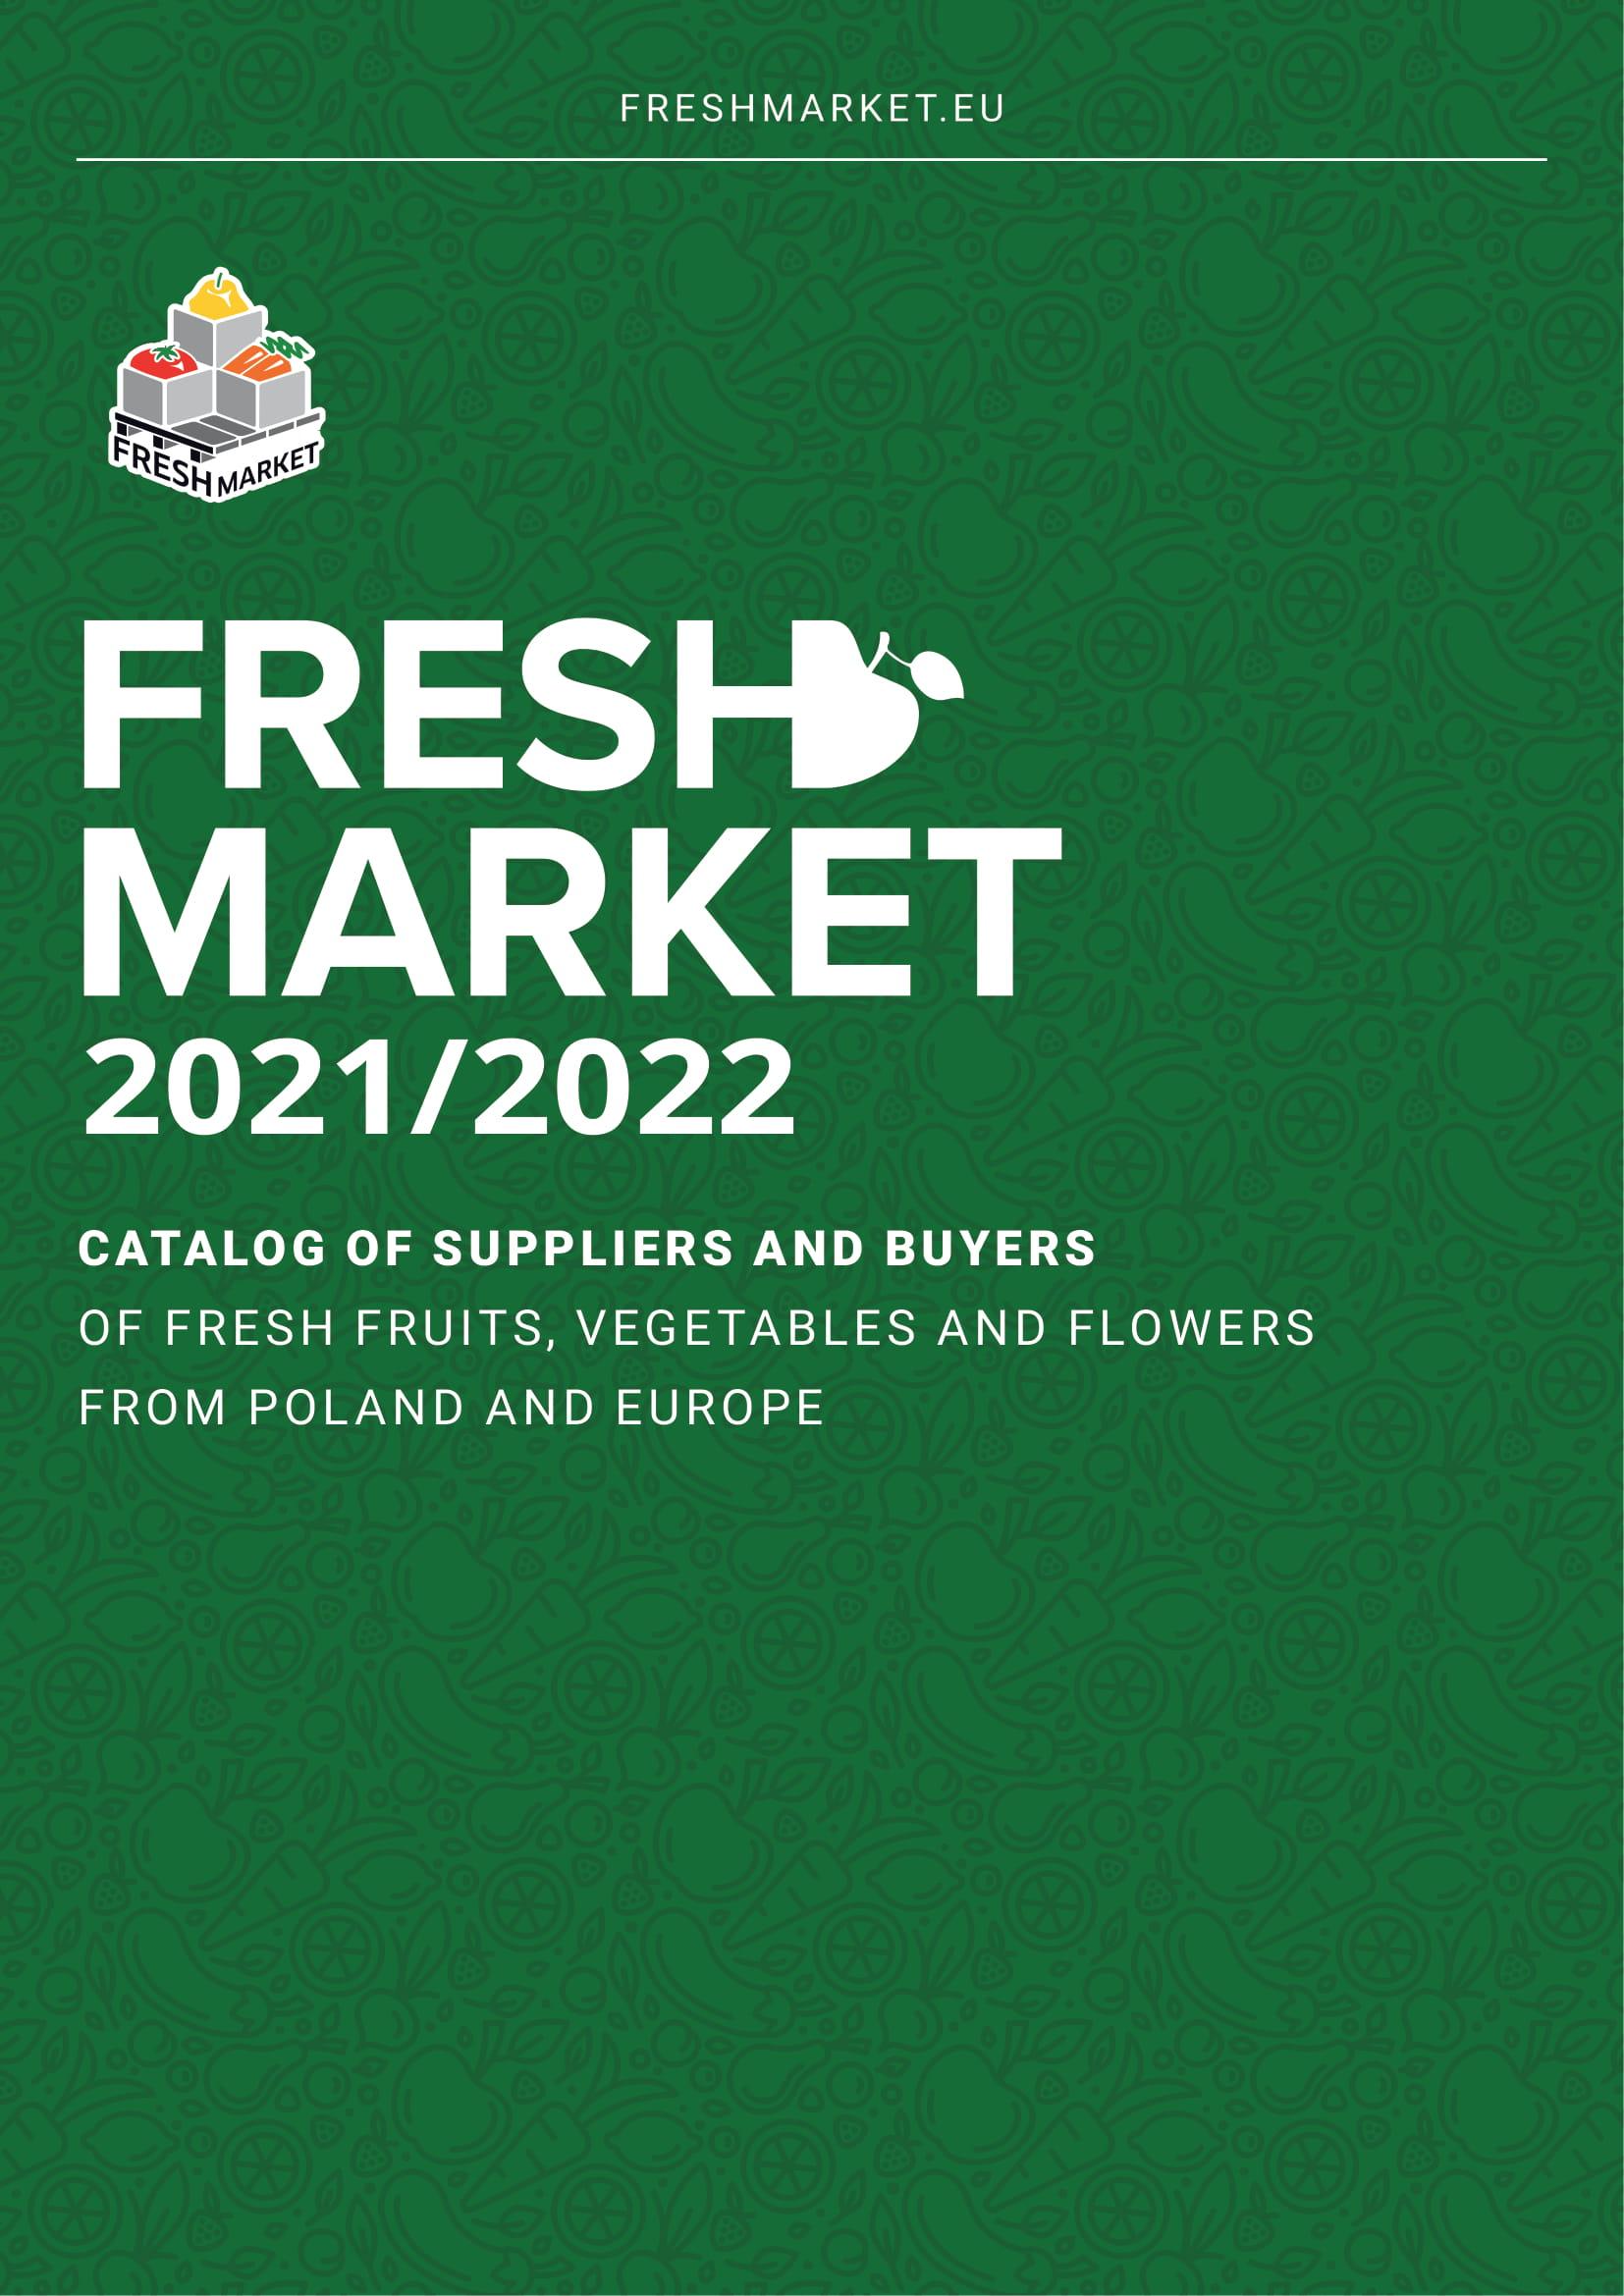 Fresh Market 2020 online meetings